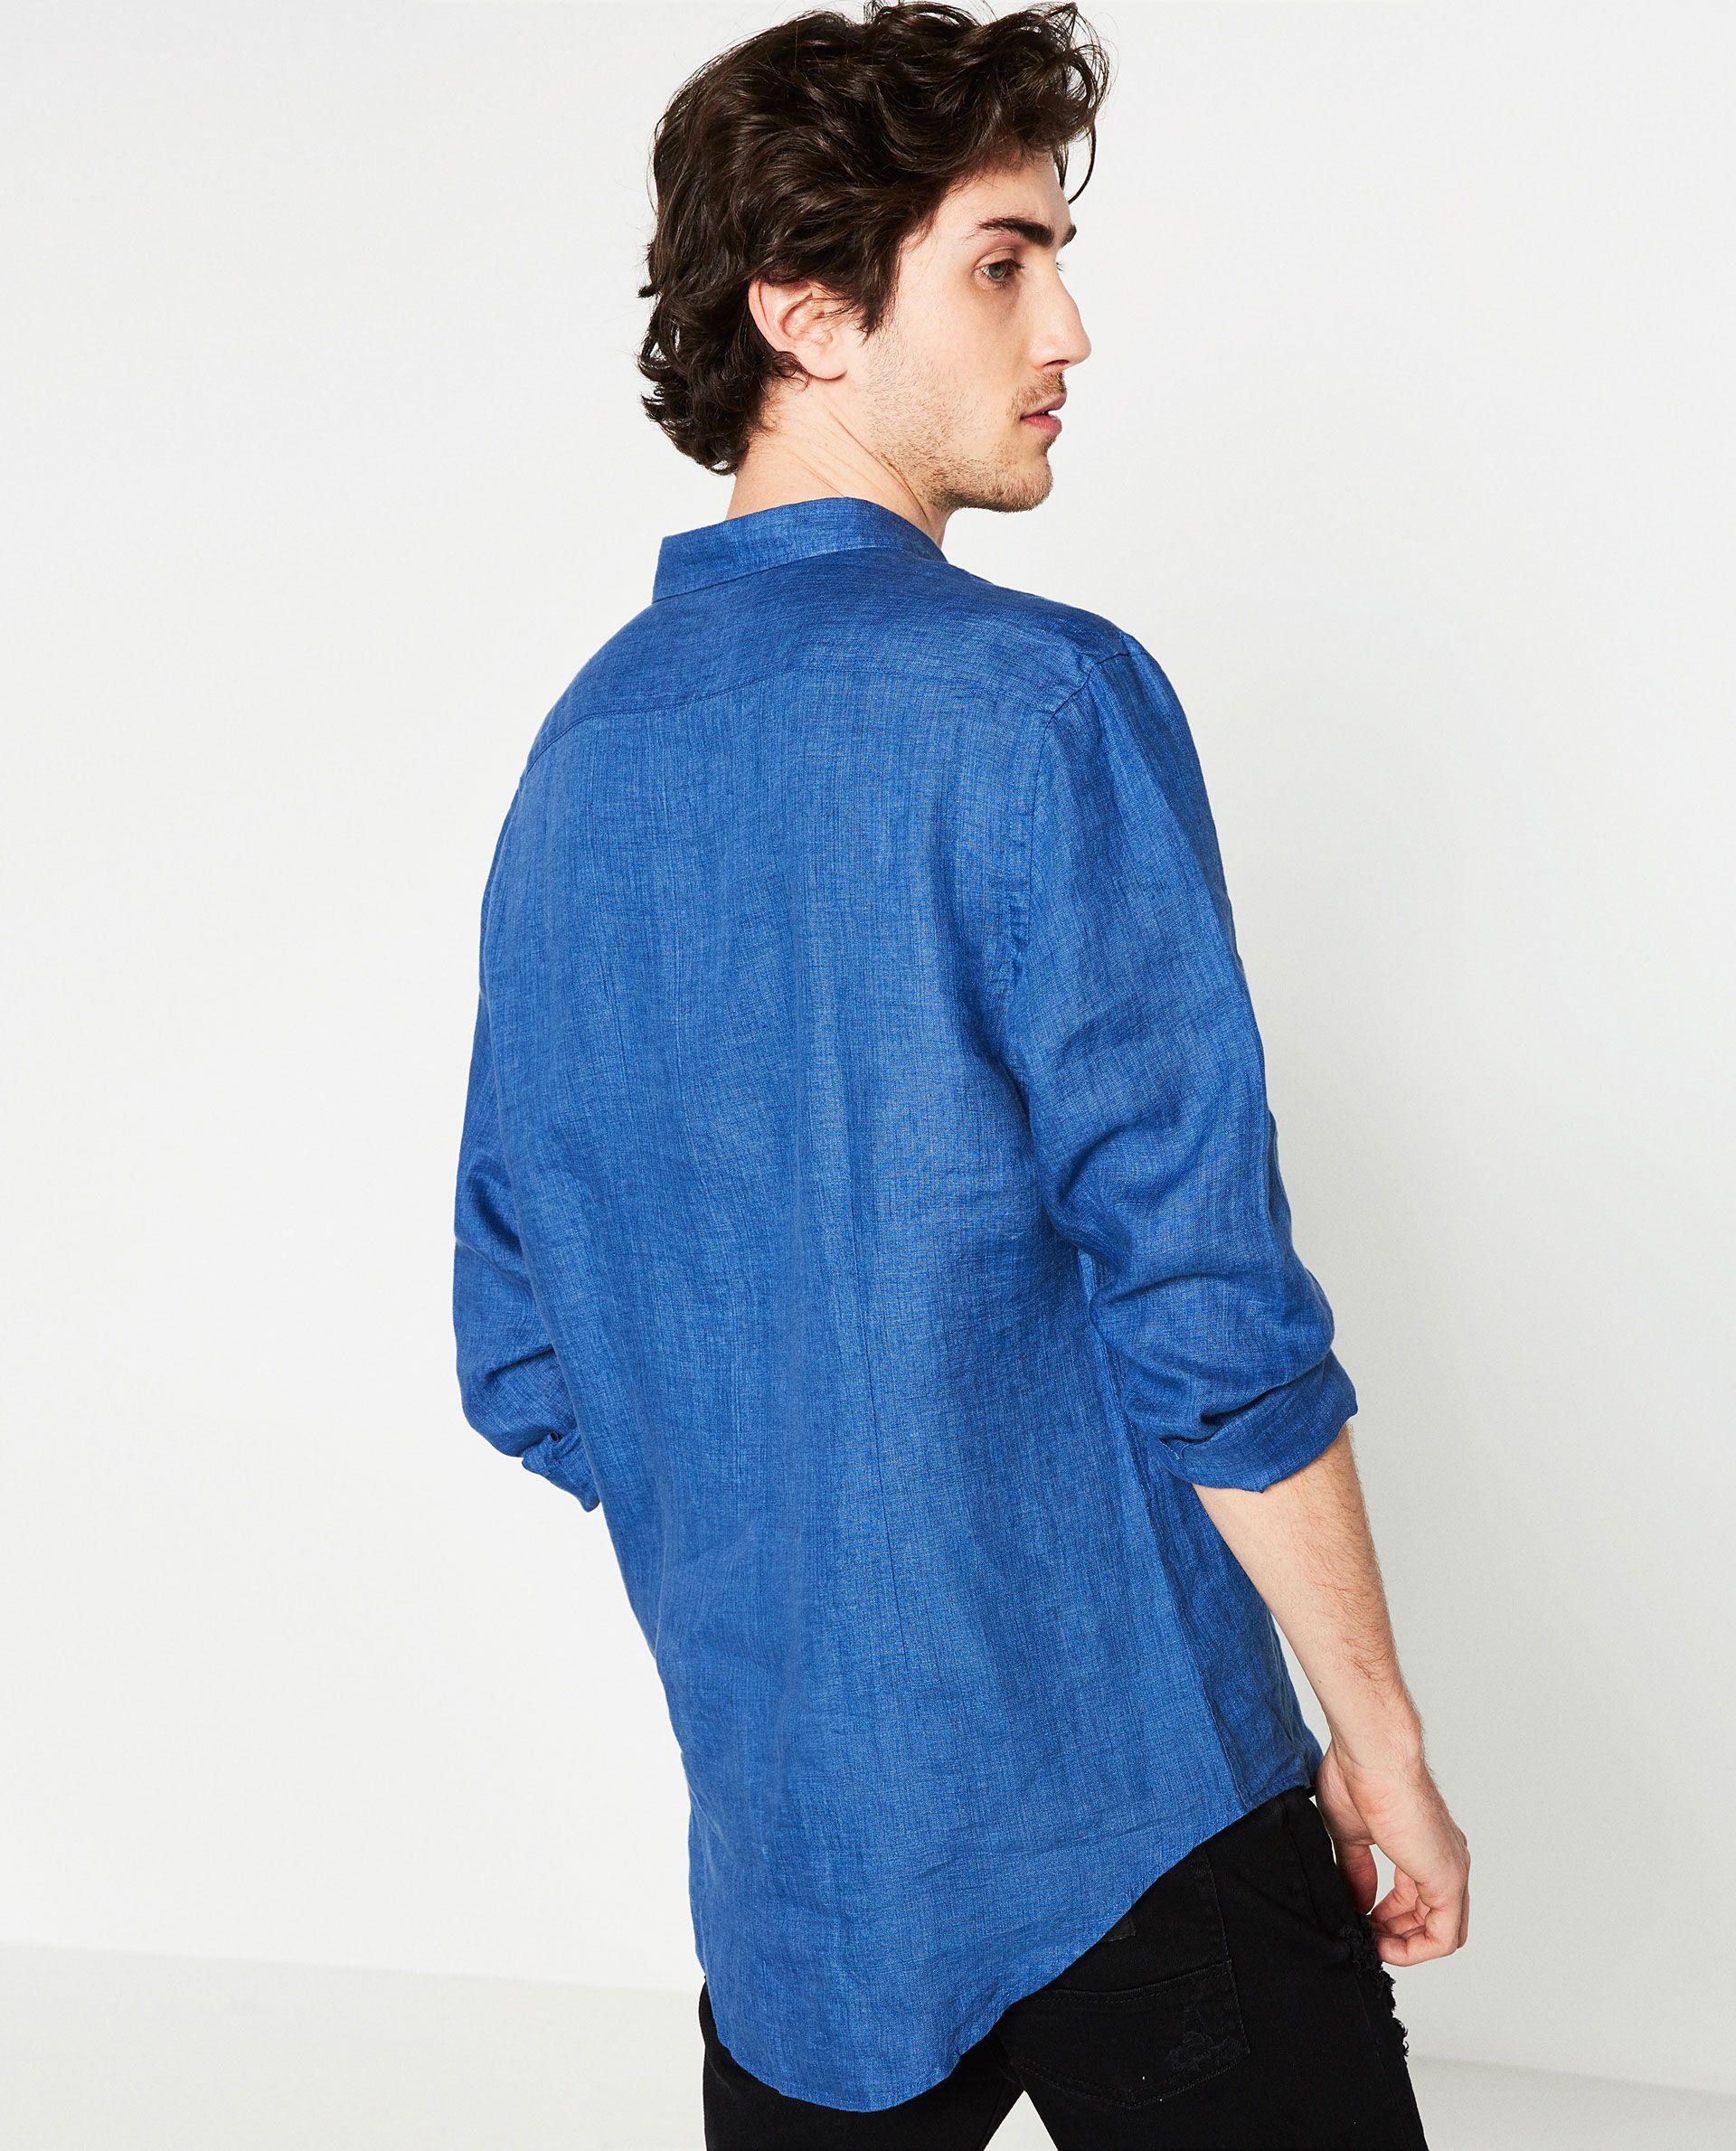 CAMISA LINO RAYAS | Camisas | Camisas, Hombres y Zara hombre